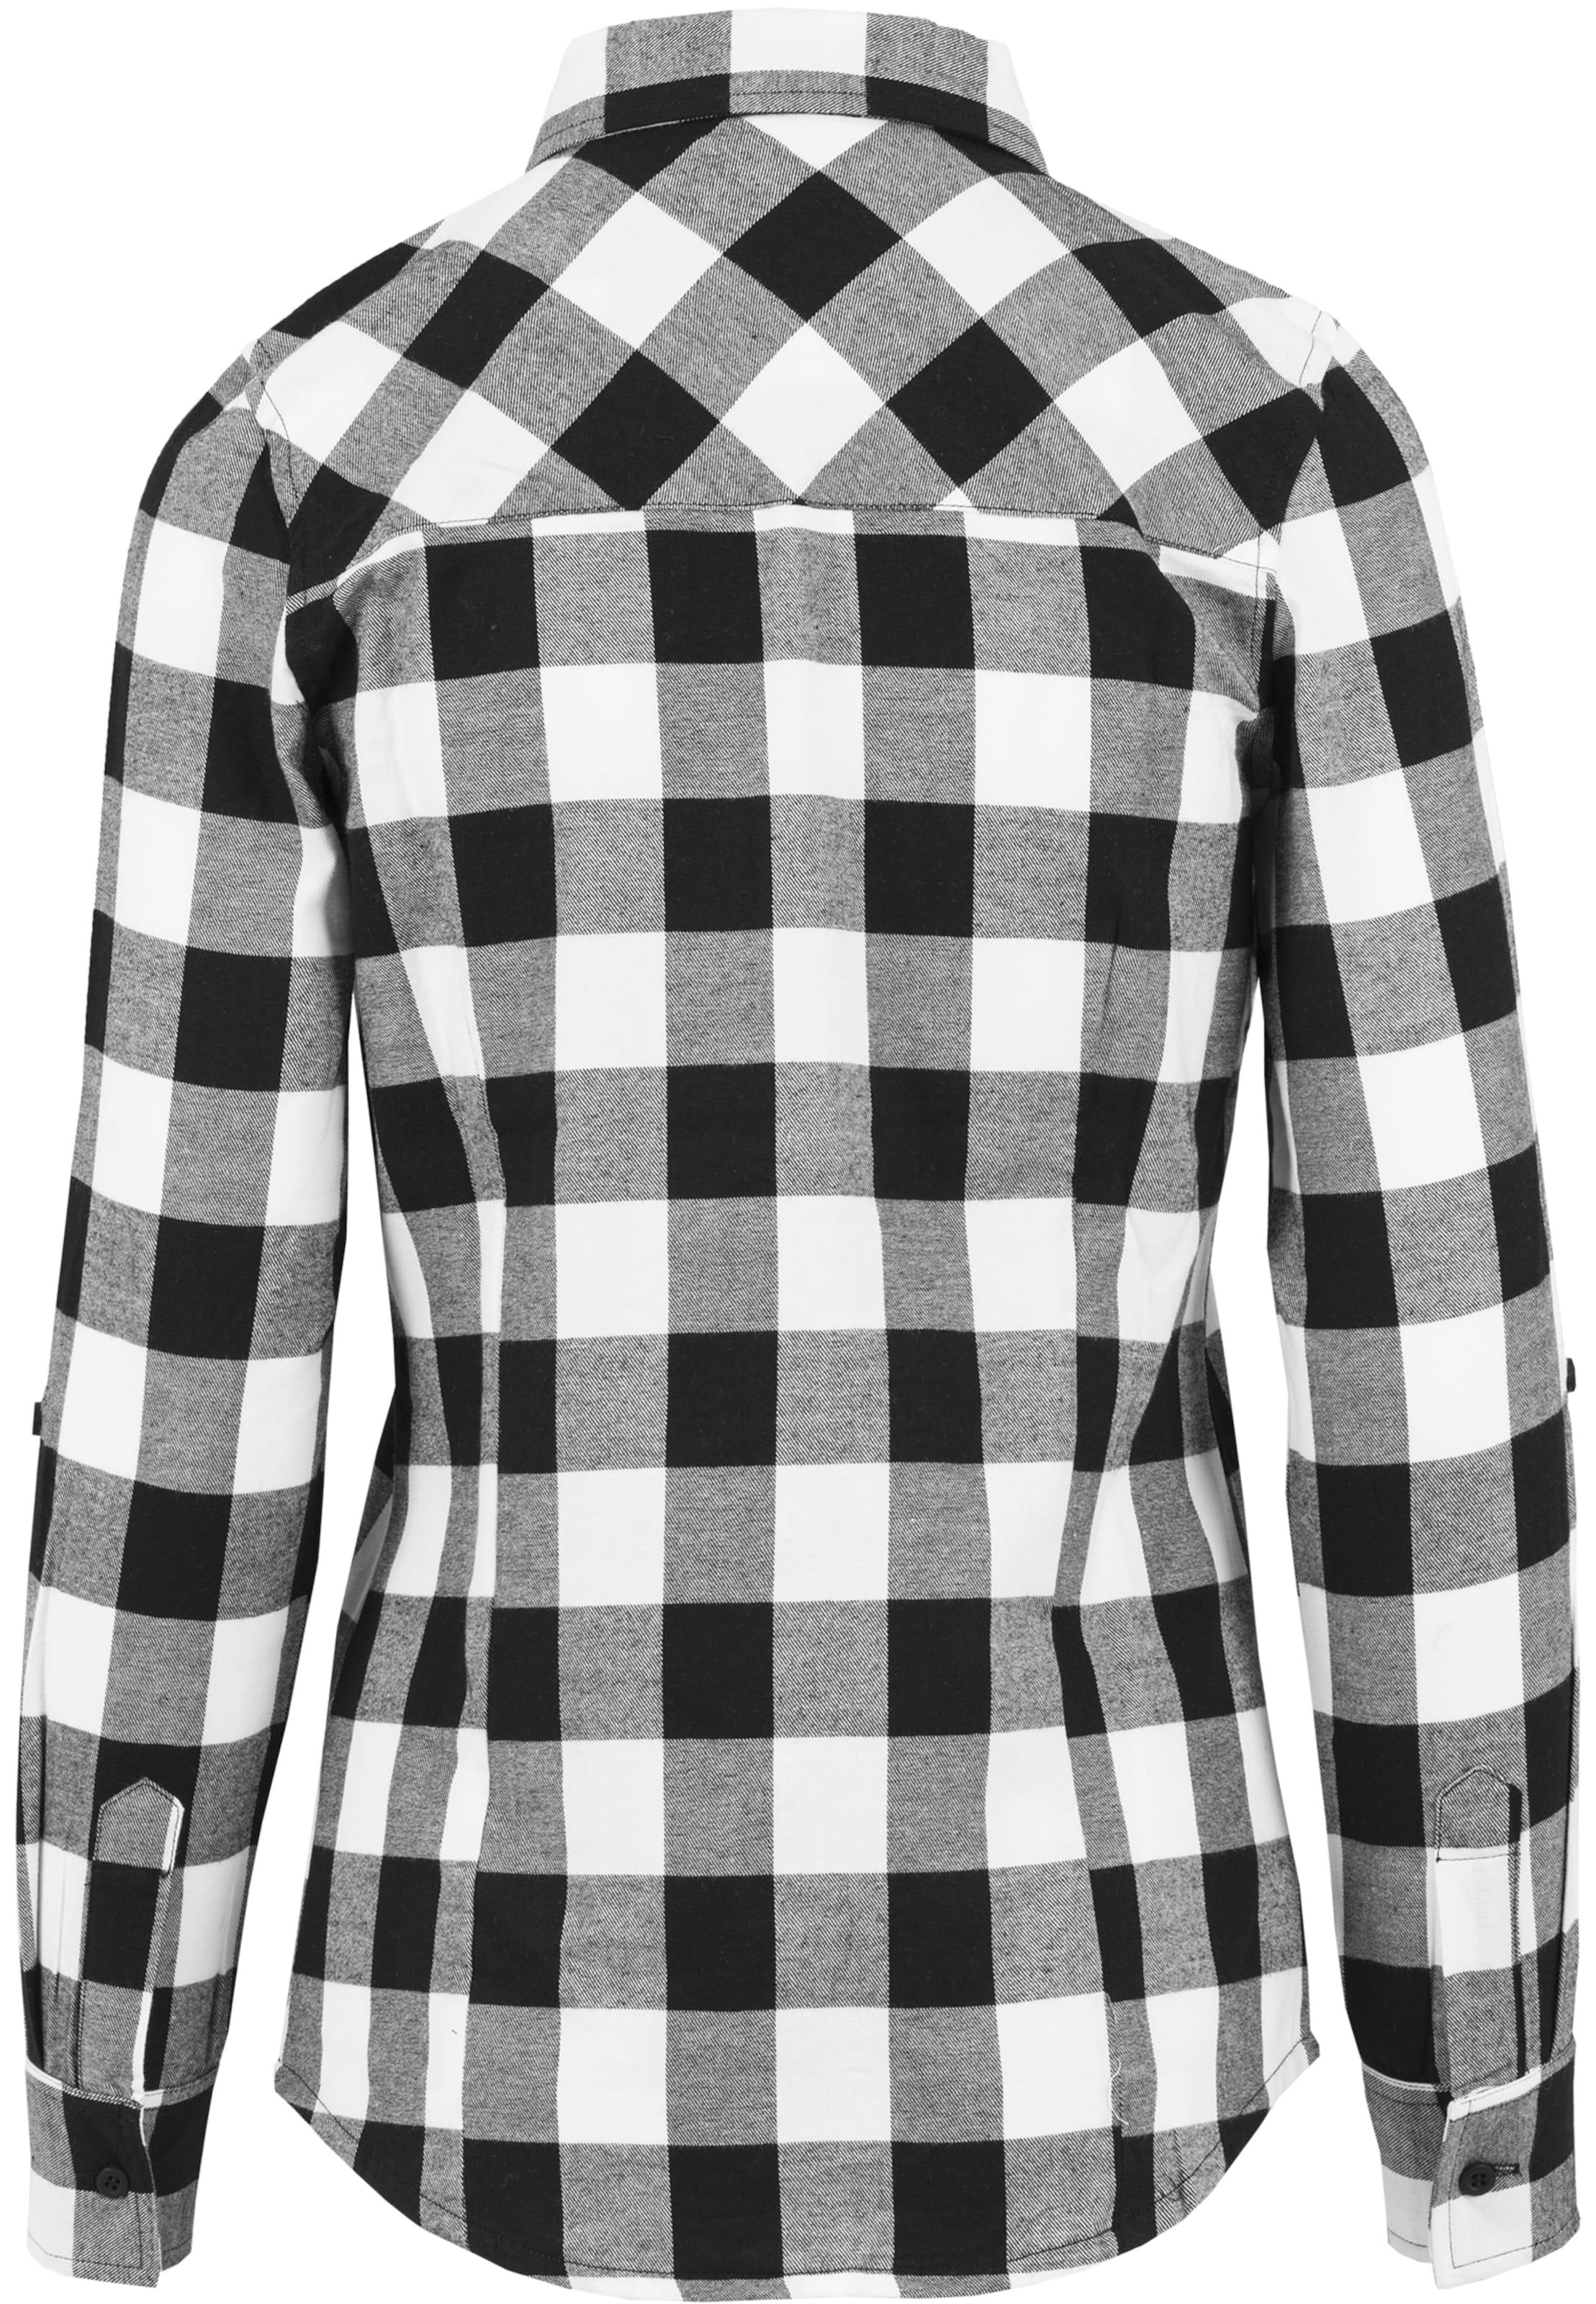 Urban SchwarzWeiß Shirt Urban Shirt Urban In Classics Shirt Classics SchwarzWeiß In In Classics fbY7yv6g